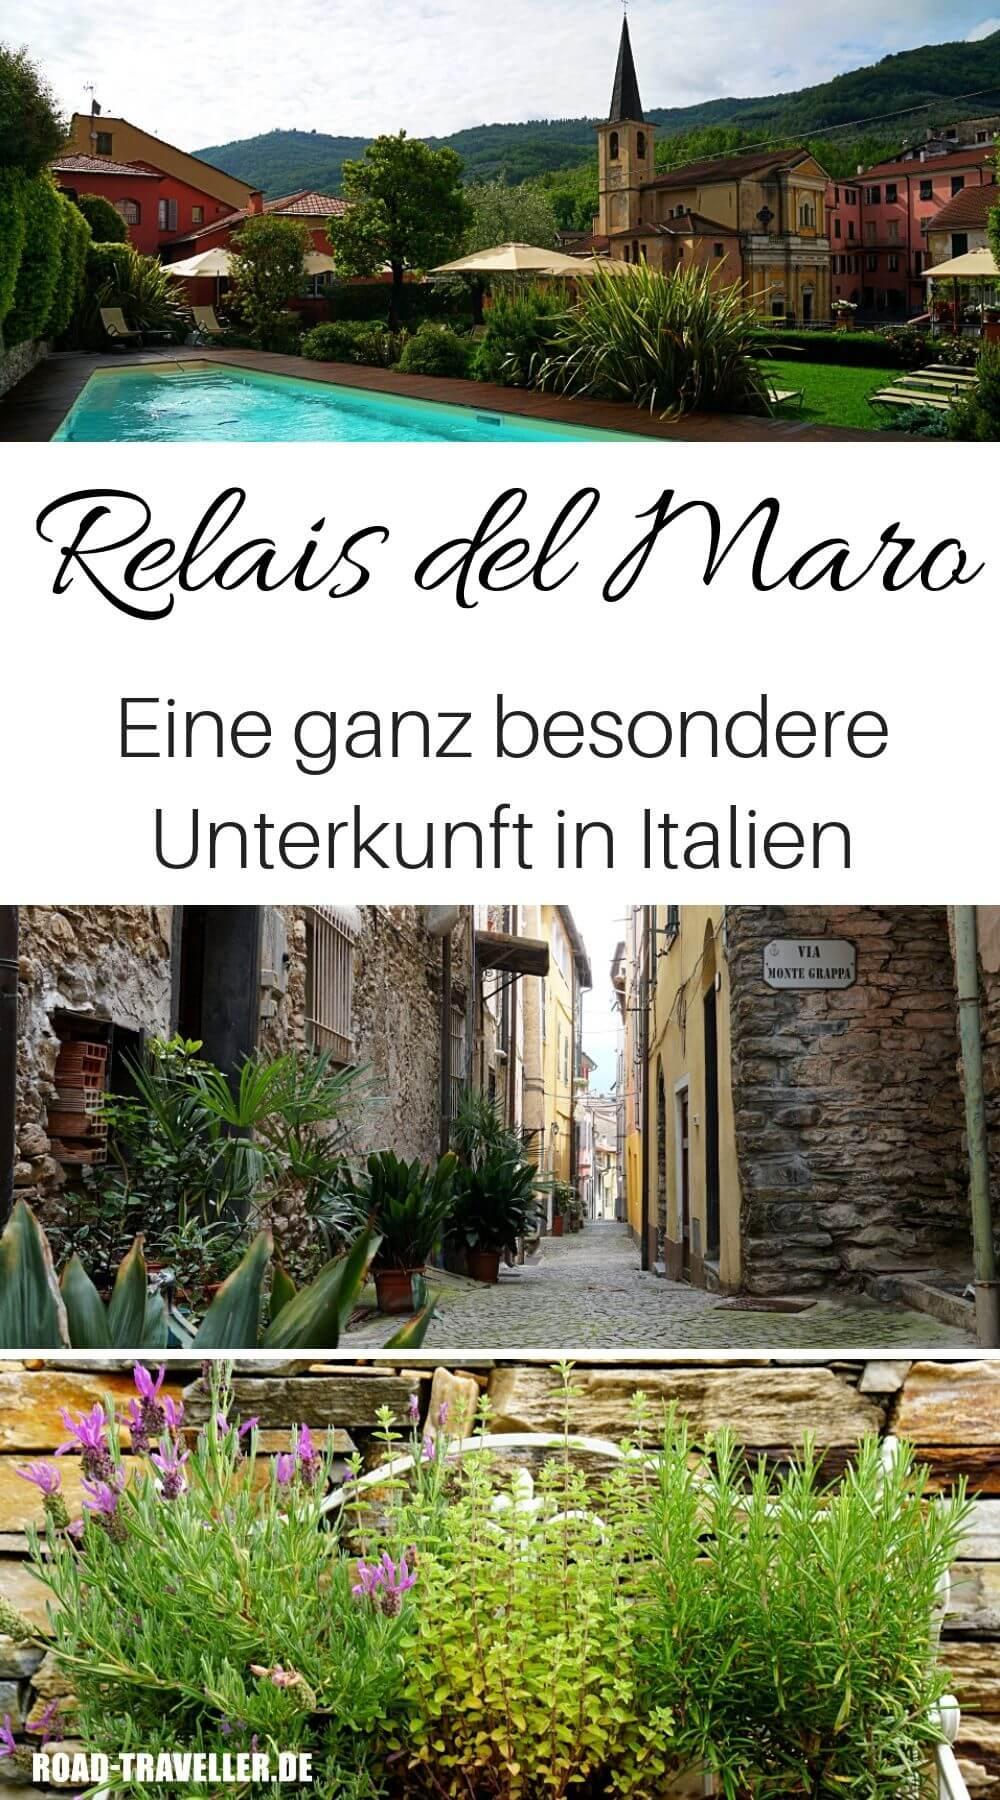 Das Relais del Maro - ein Albergo Diffuso in Ligurien